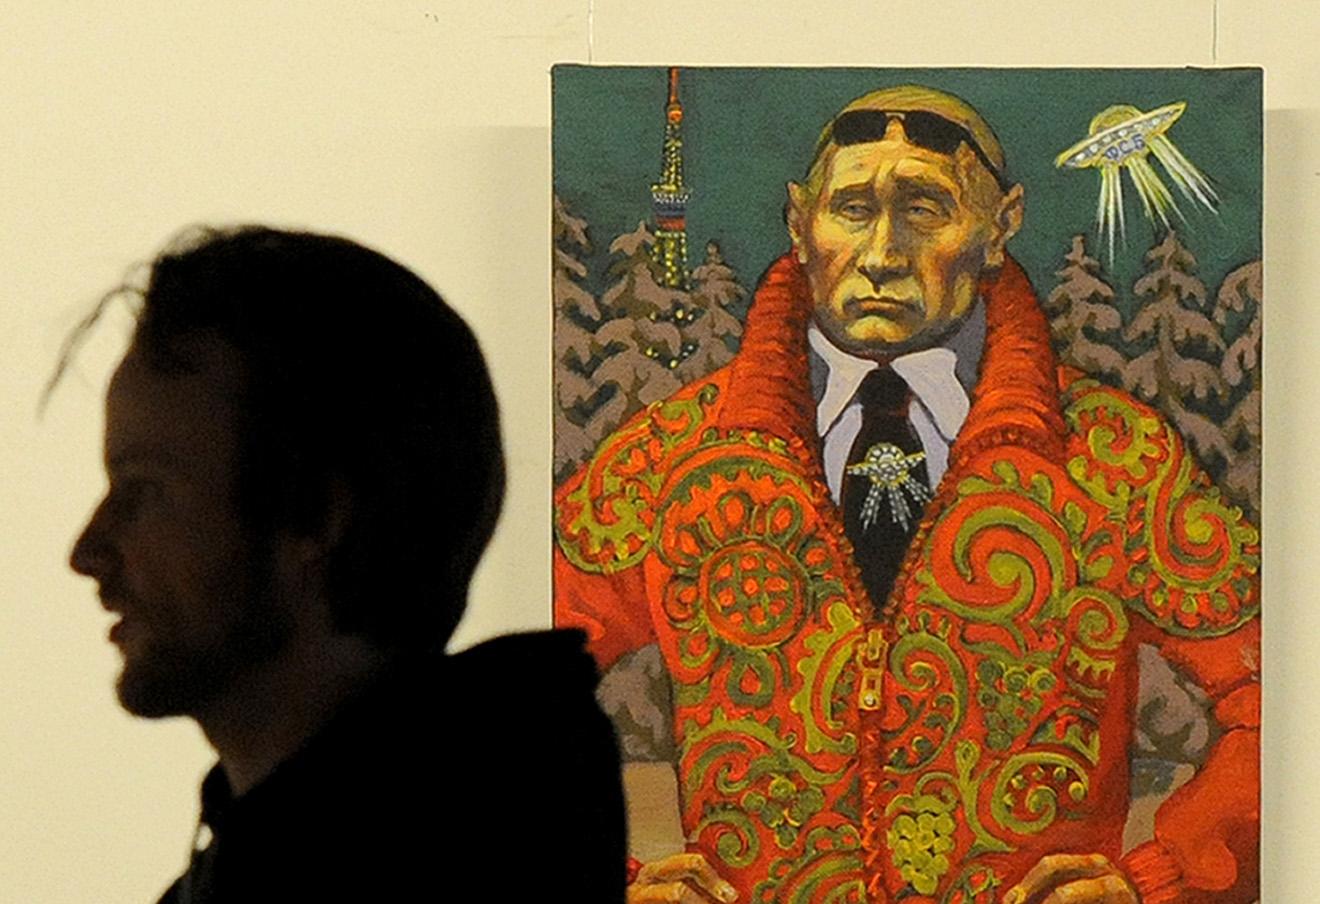 Портрет Владимира Путина петербургского художника Михаила Гавричкова.